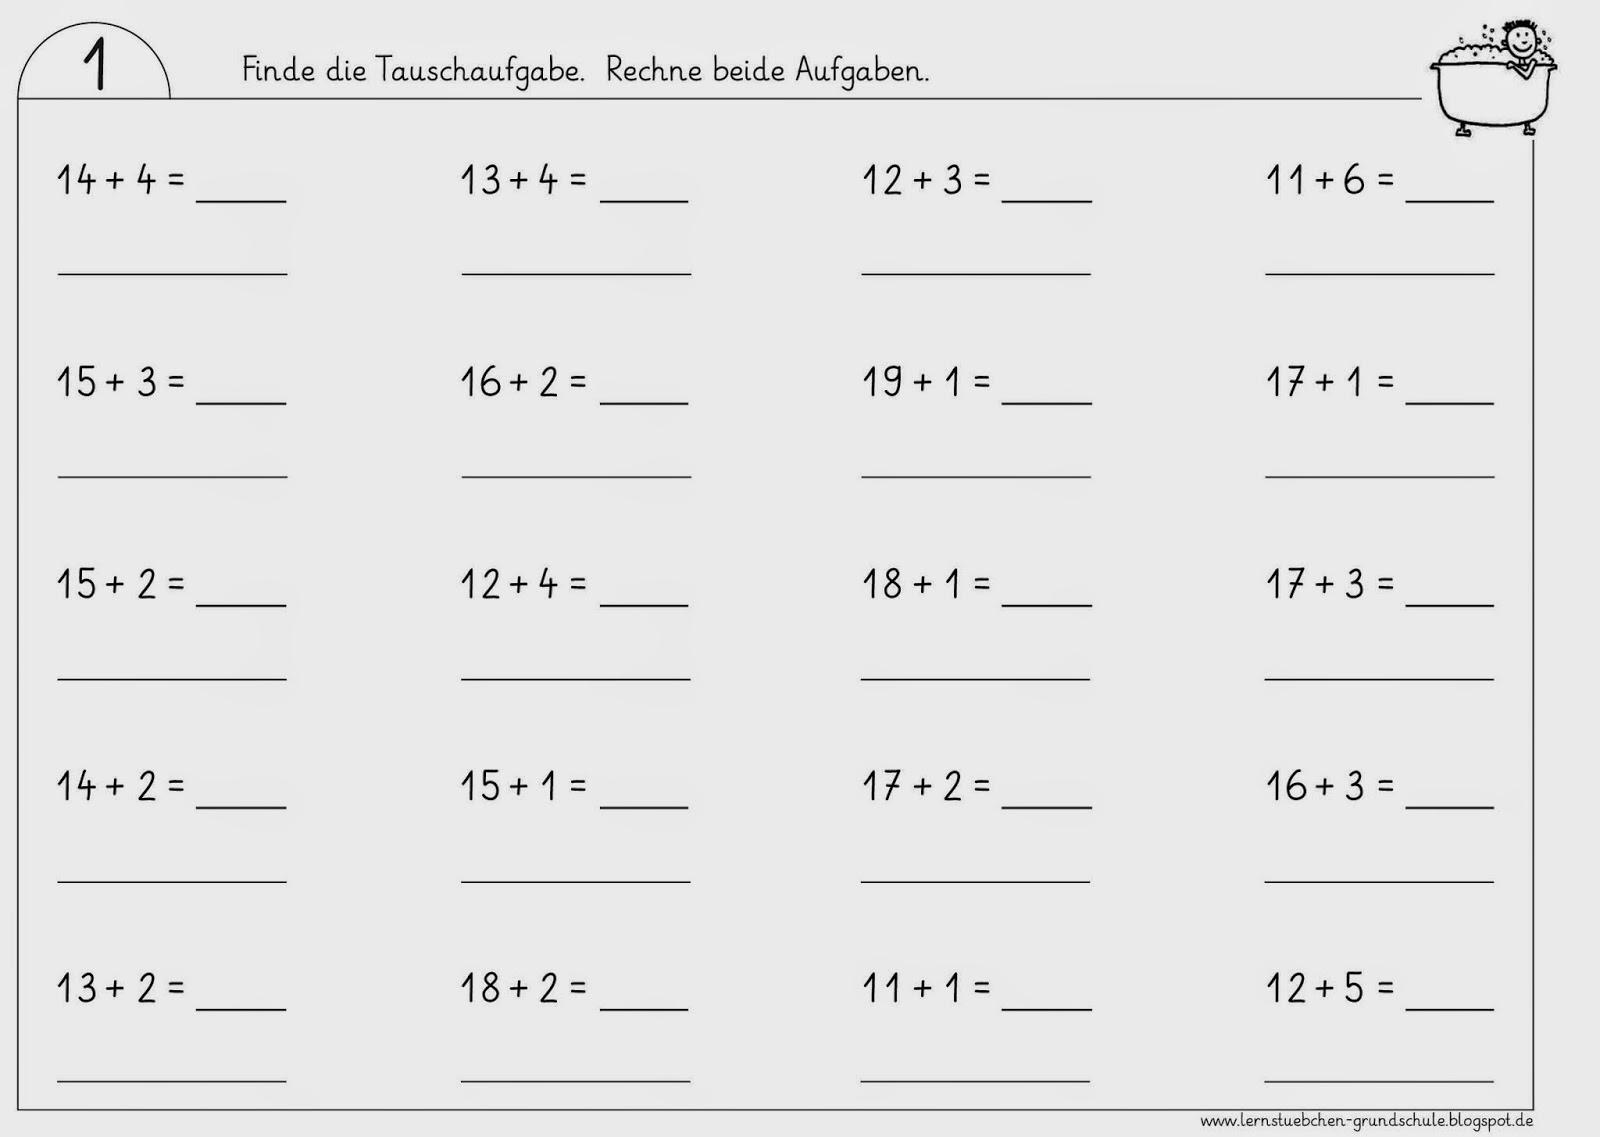 Lernstübchen: Tauschaufgaben im 2. Zehner